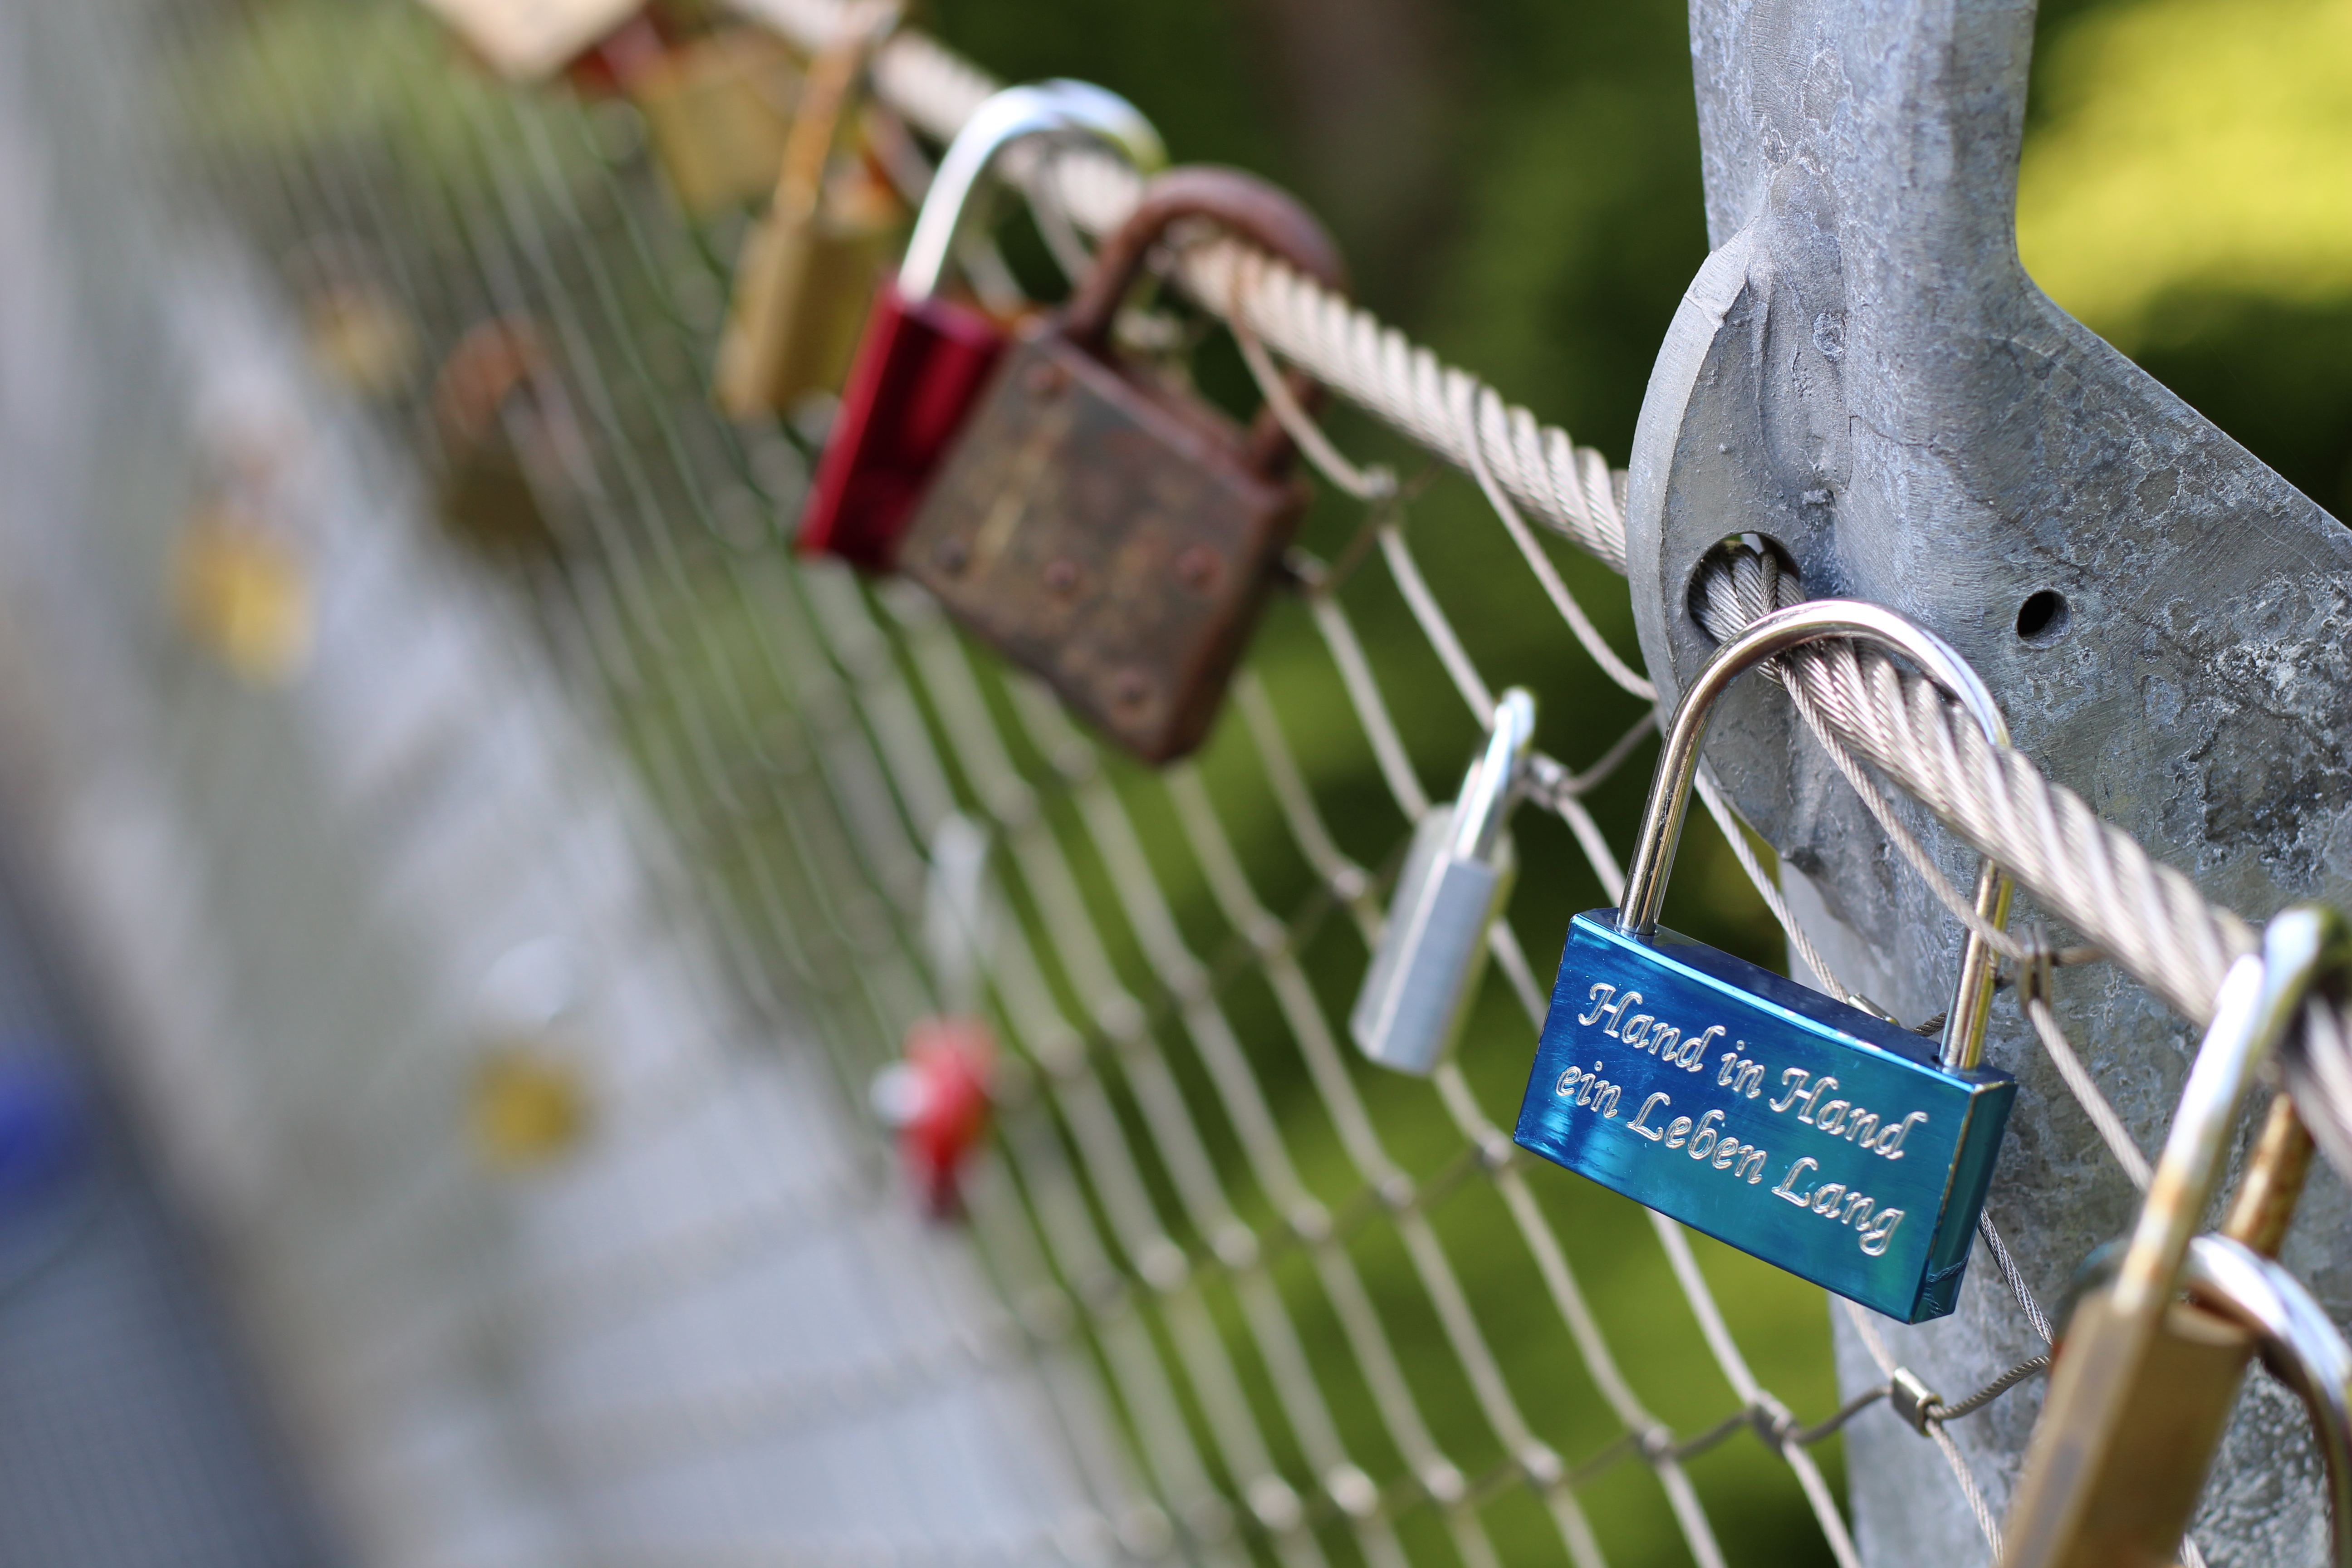 Erlaufschlucht Brücke der Liebe